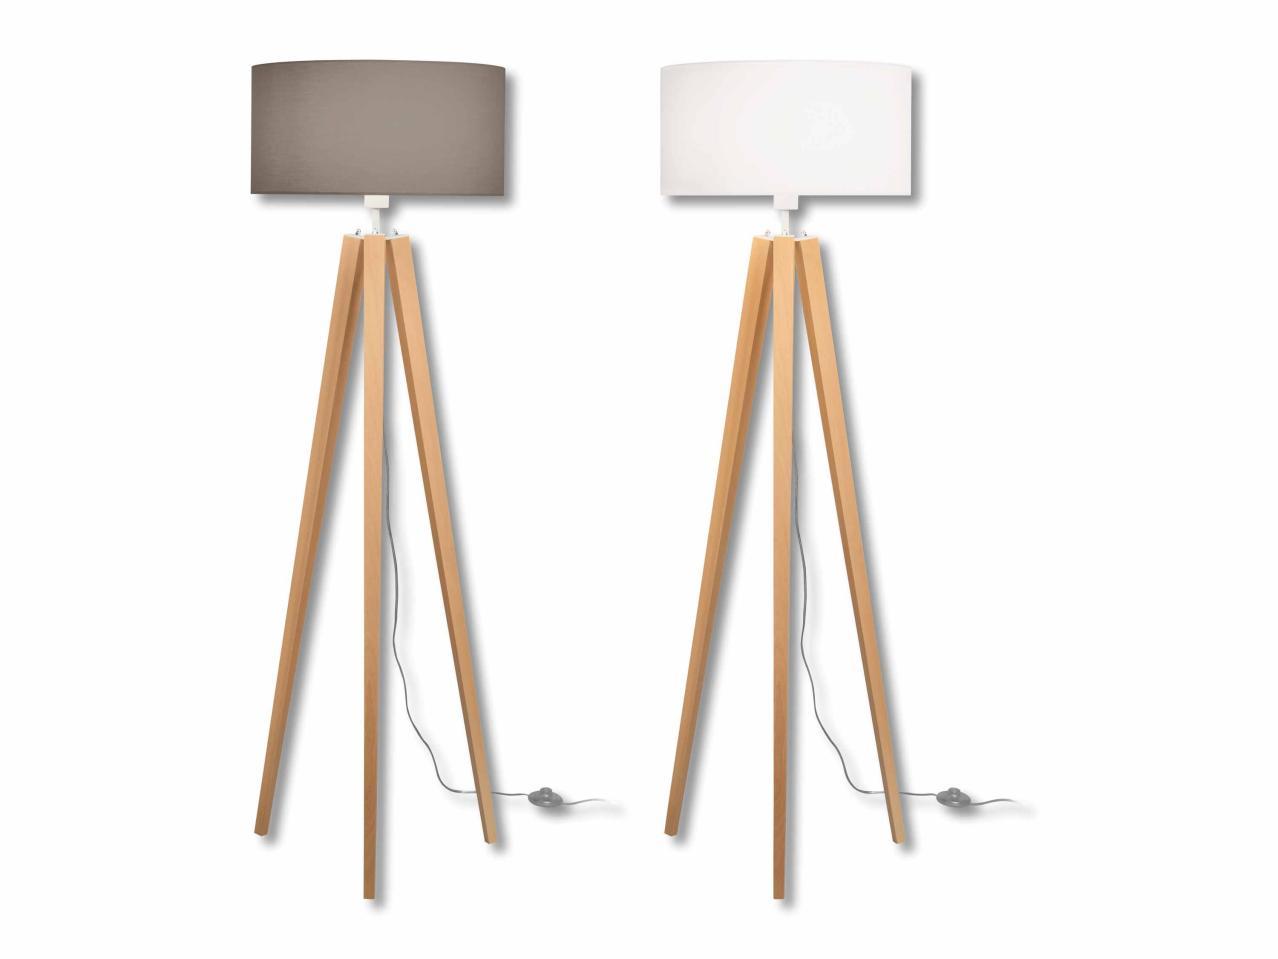 Led Lampen Lidl : Led stehlampe lidl u schweiz archiv werbeangebote